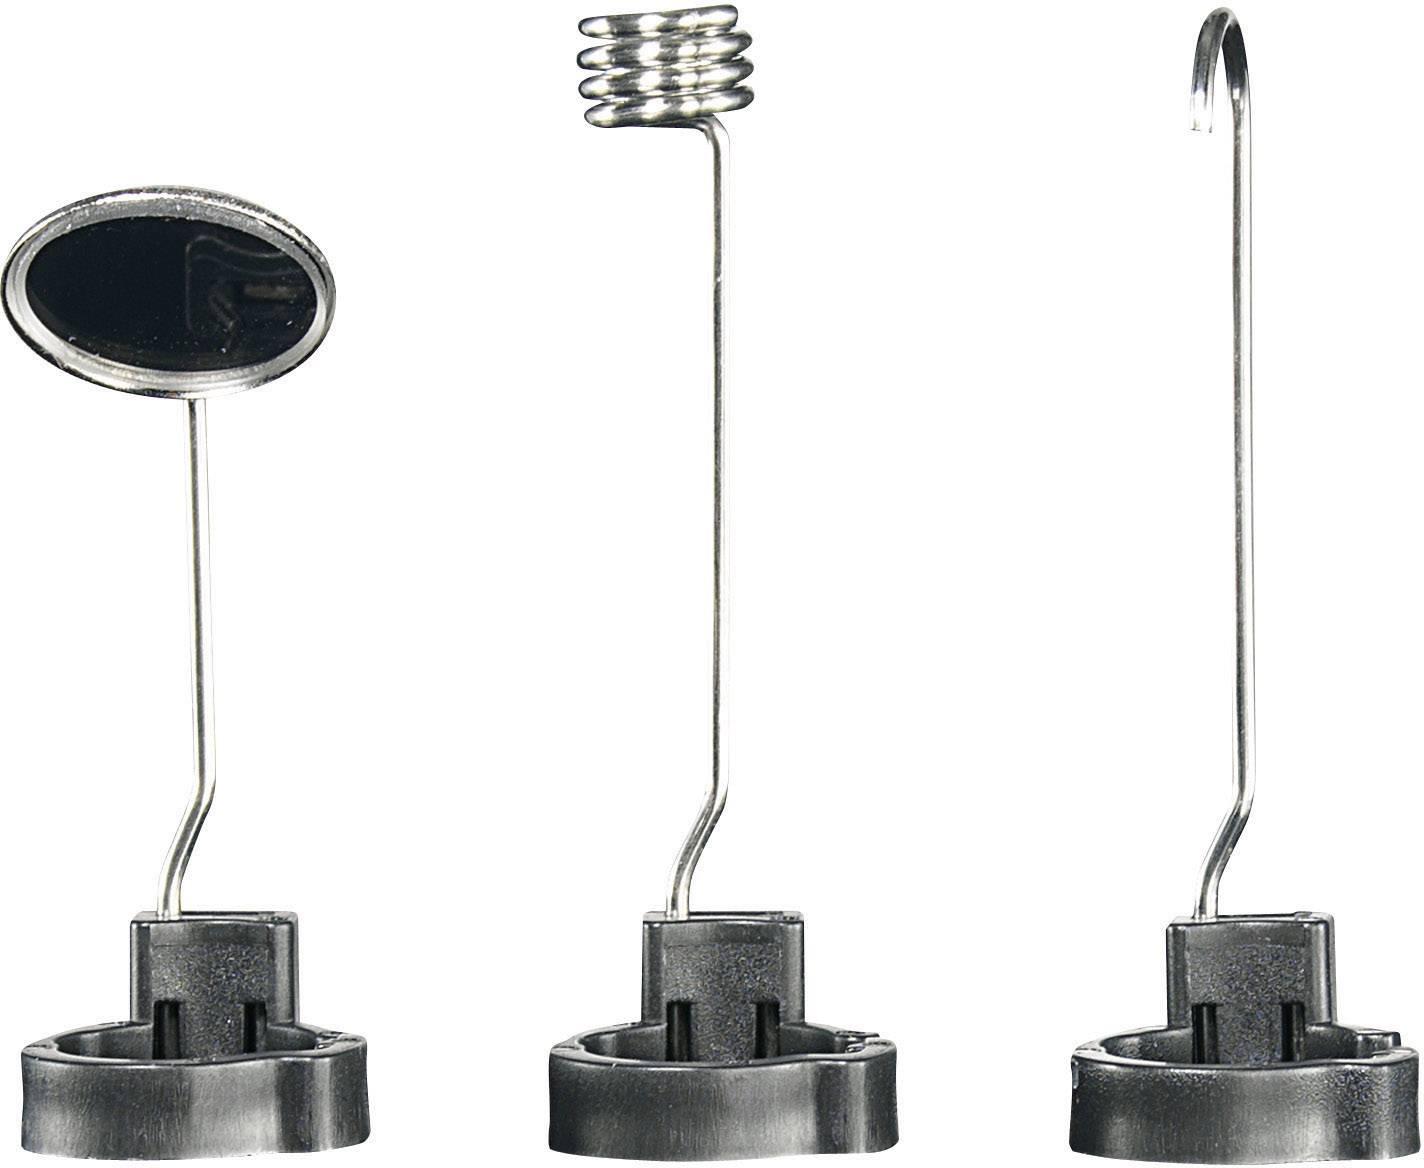 Přísluš. pro sondy Voltcraft s Ø 9,8 mm - zrcátko, magnet, háček